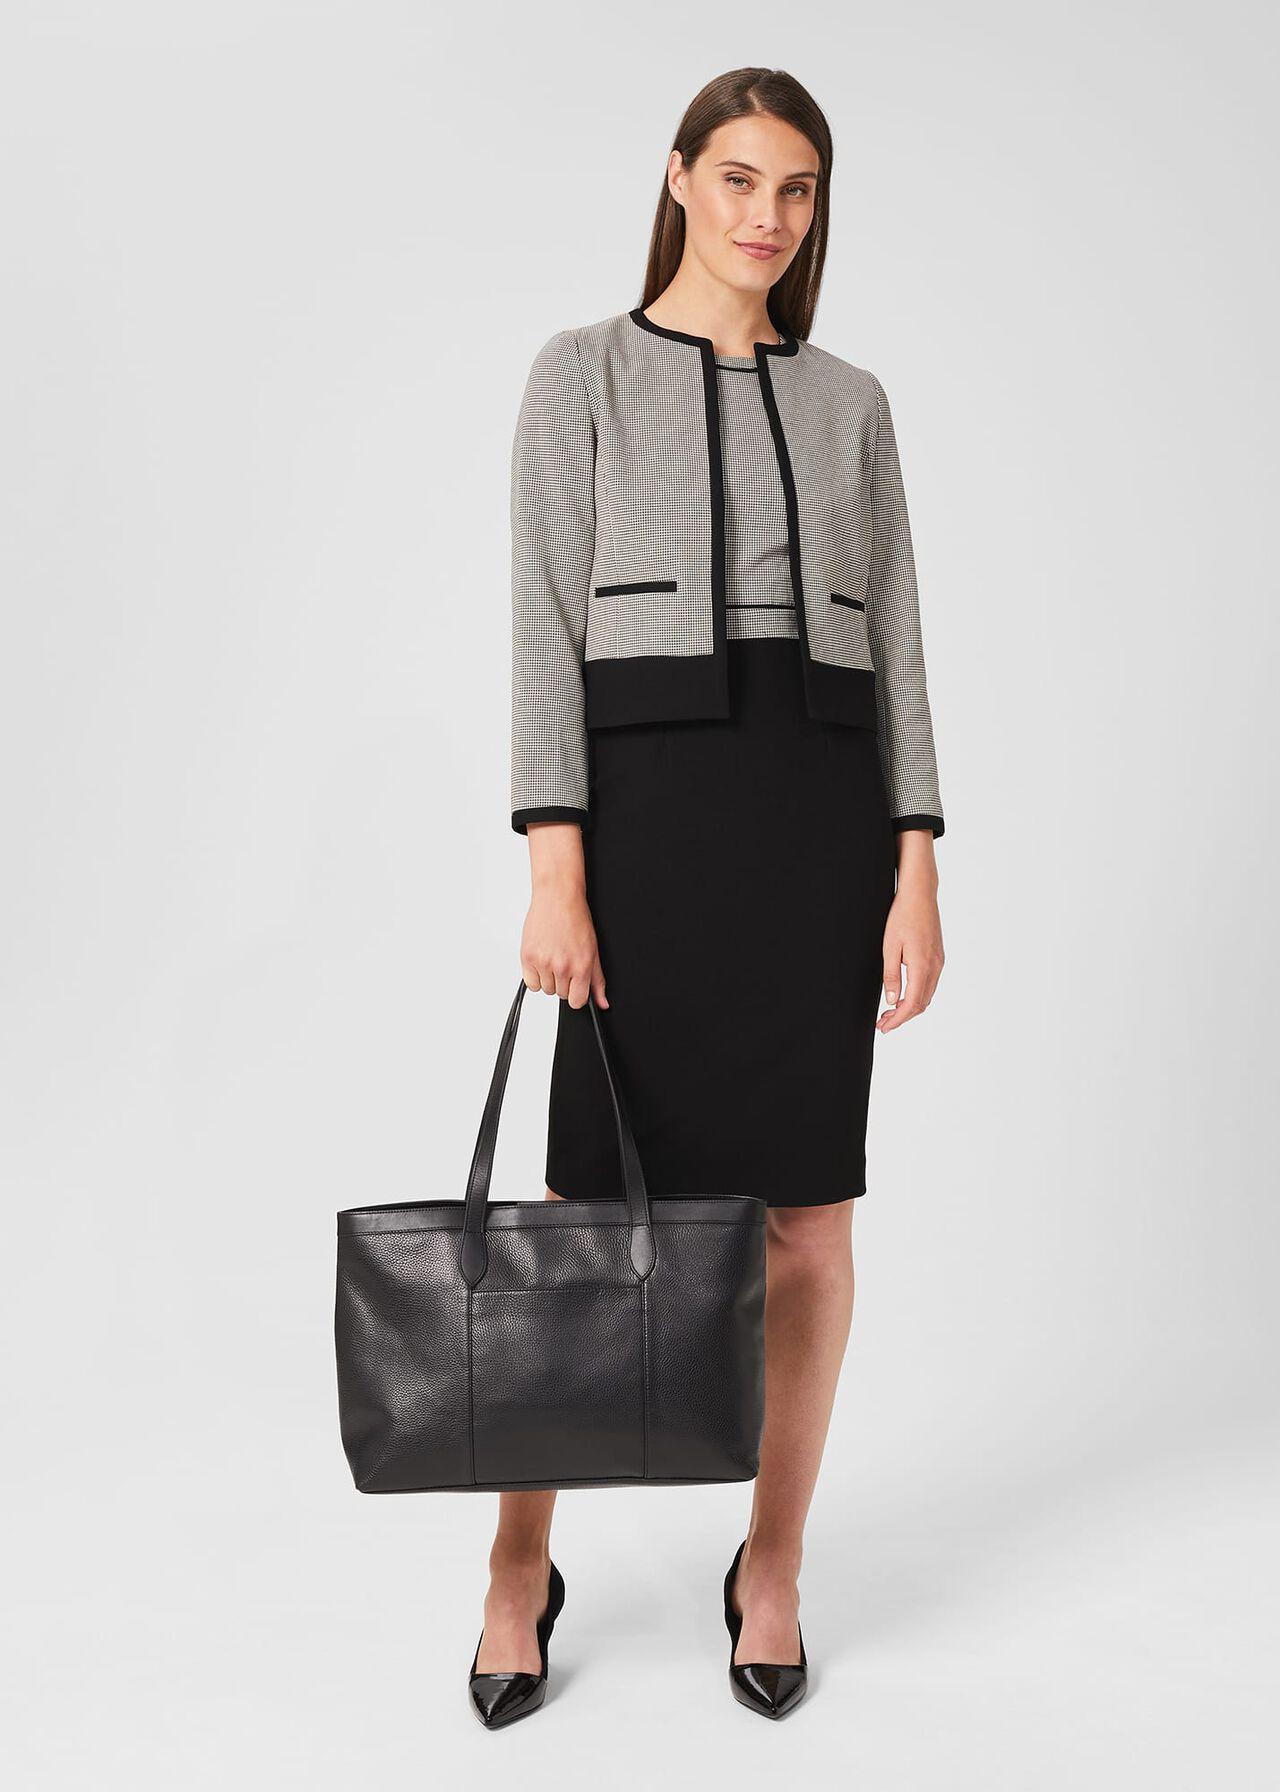 Sienna Dress Suit, , hi-res